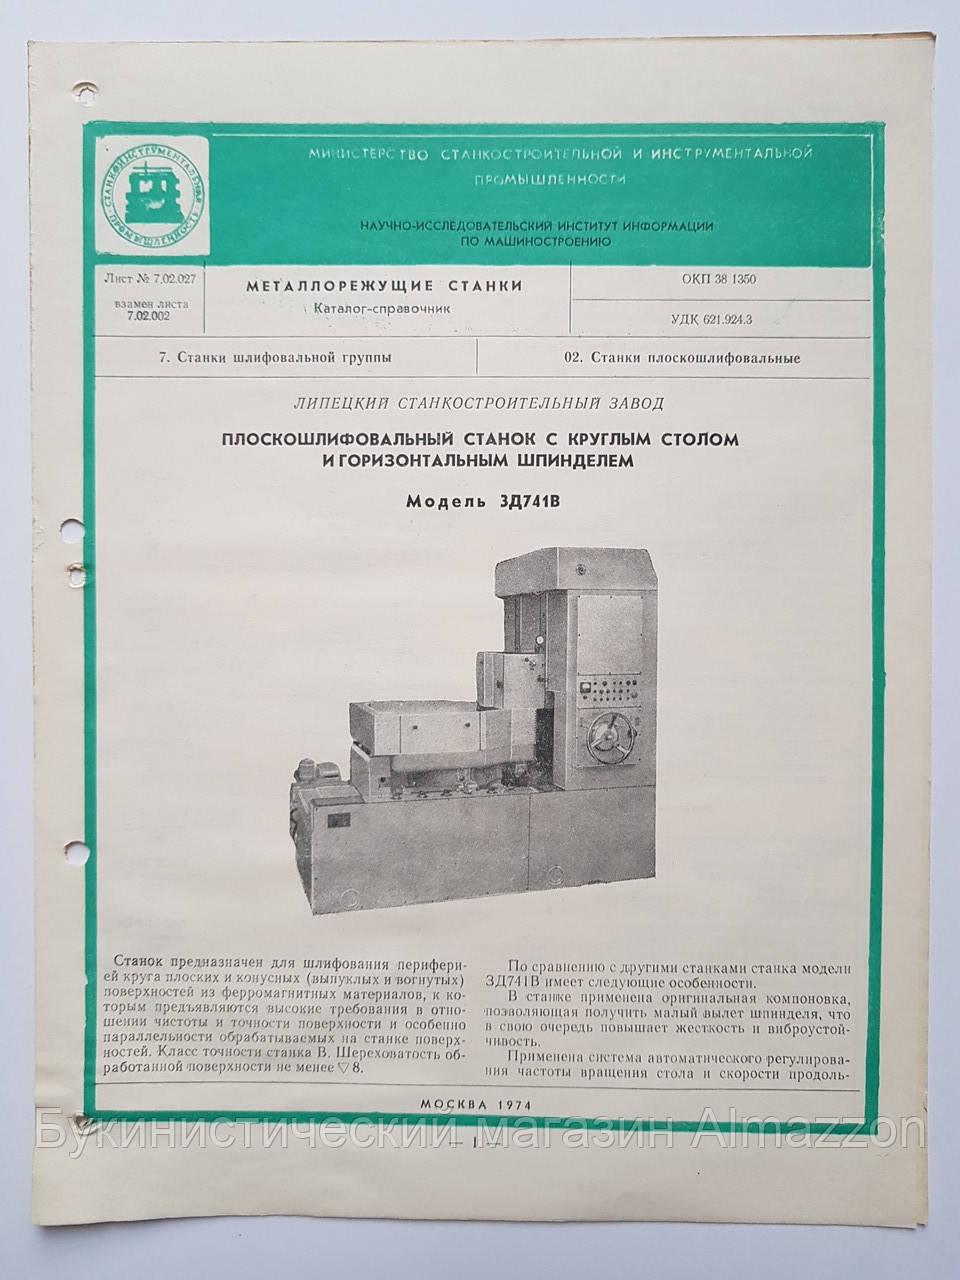 Журнал (Бюллетень) Плоскошлифовальный станок с круглым столом и горизонтальным шпинделем ЗД741В  7.02.027